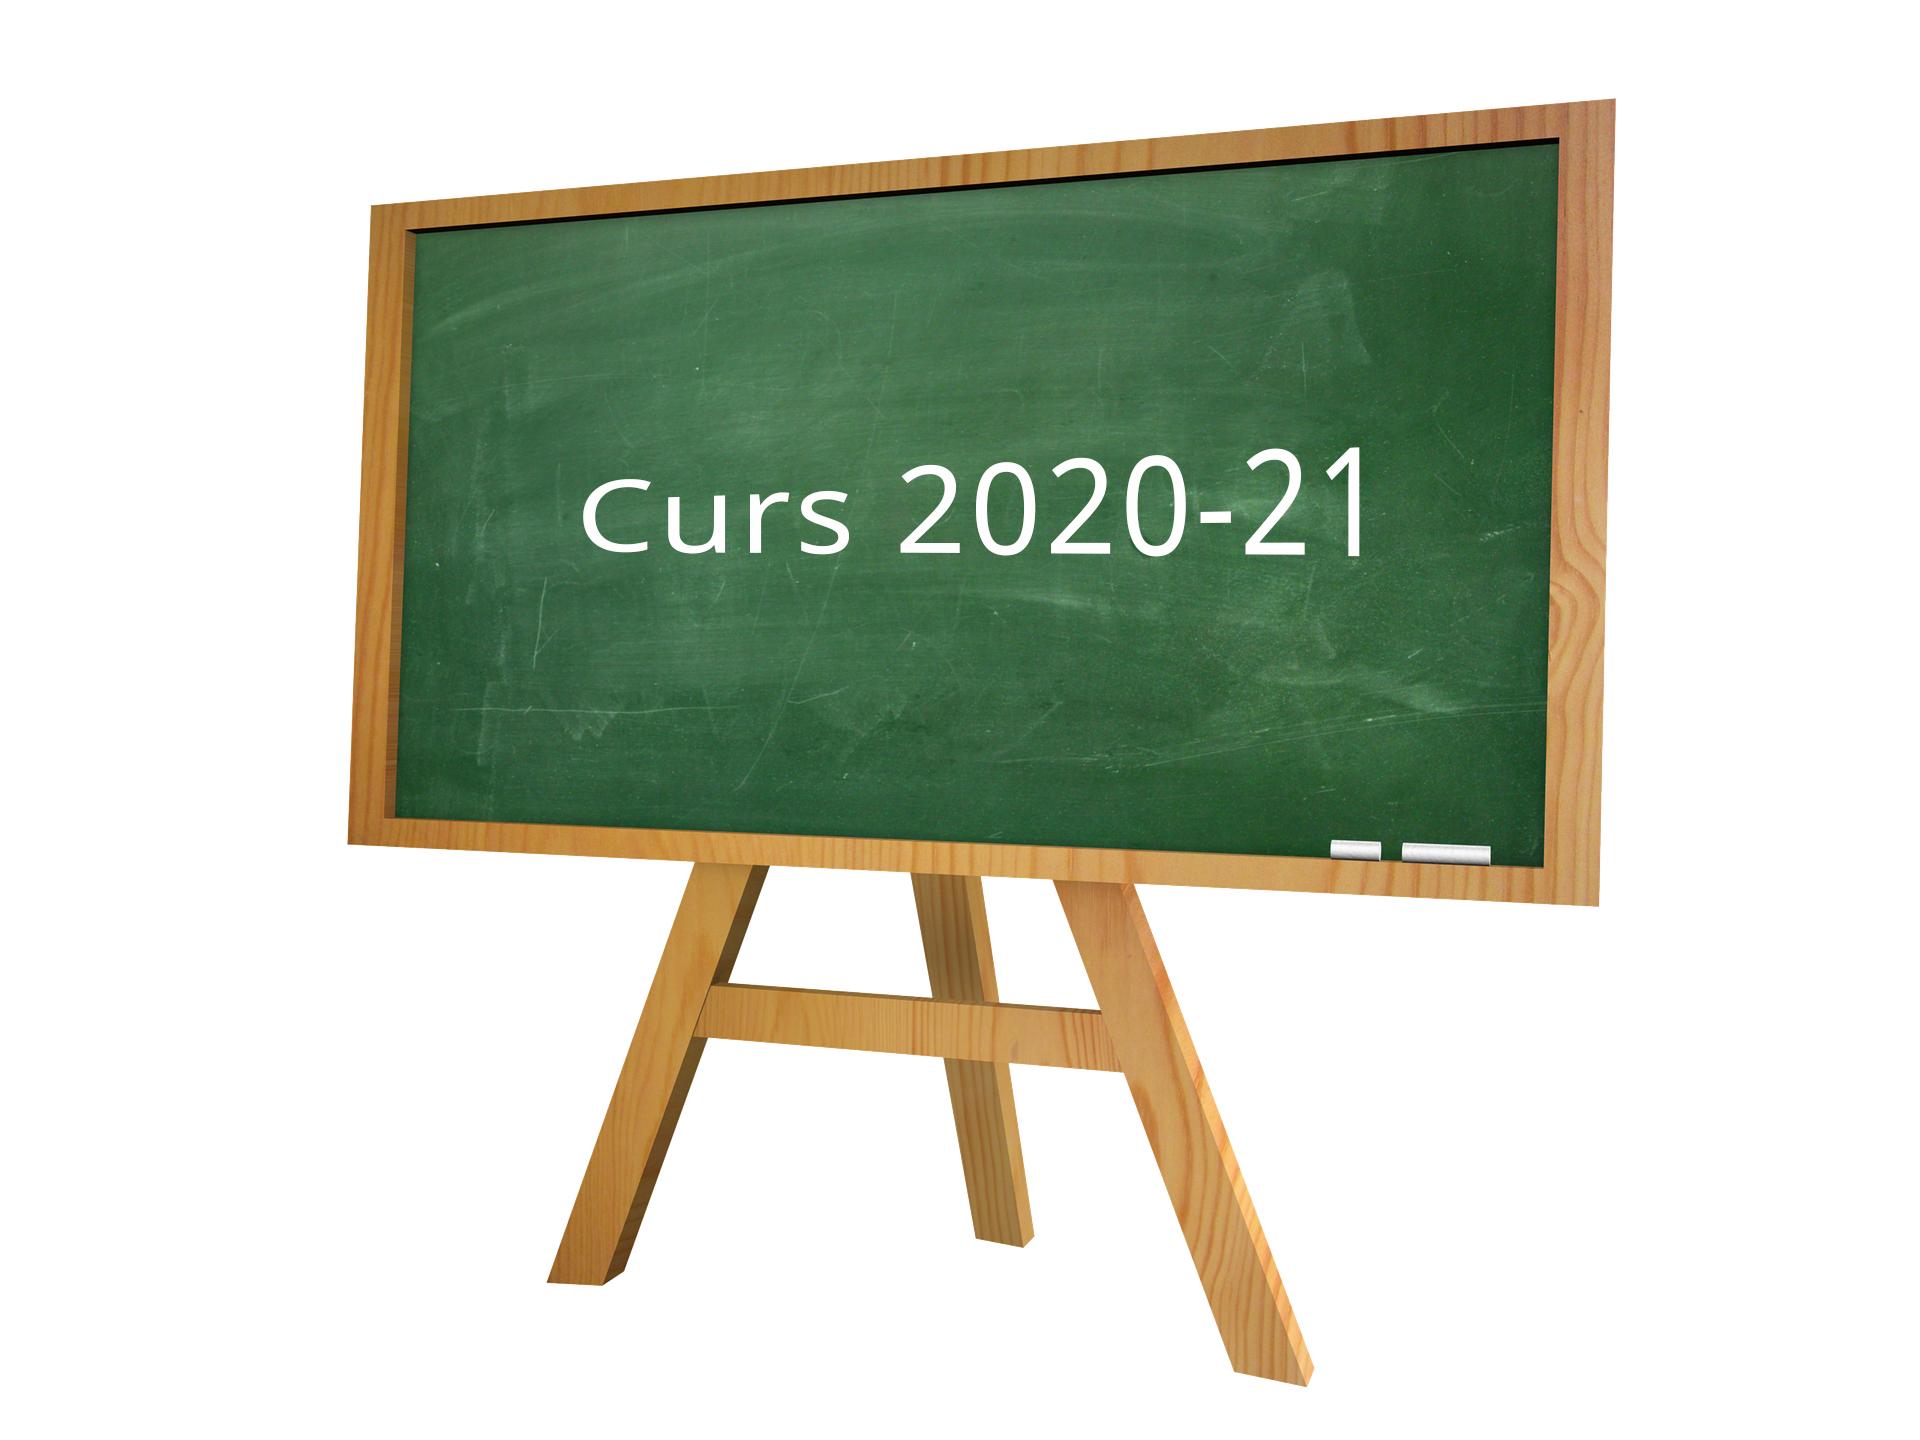 Curs 2020-21